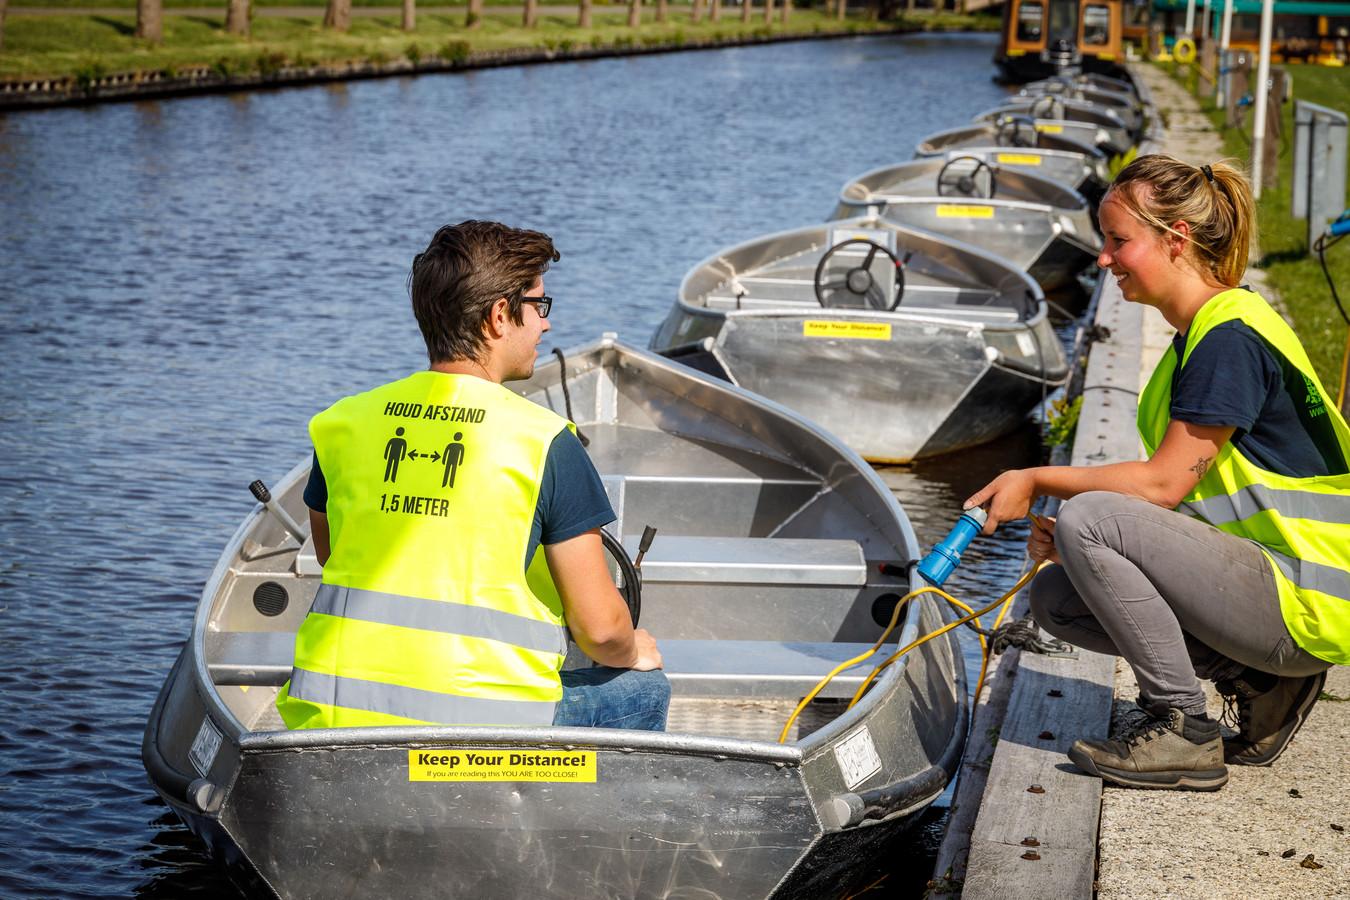 Jordi en Marloes van de Arendshorst bij één van de fluisterbootjes die klaar liggen voor gebruik. Met hun hesjes en de bumpersticker hopen ze de anderhalvemeter-restricties te kunnen waarborgen.